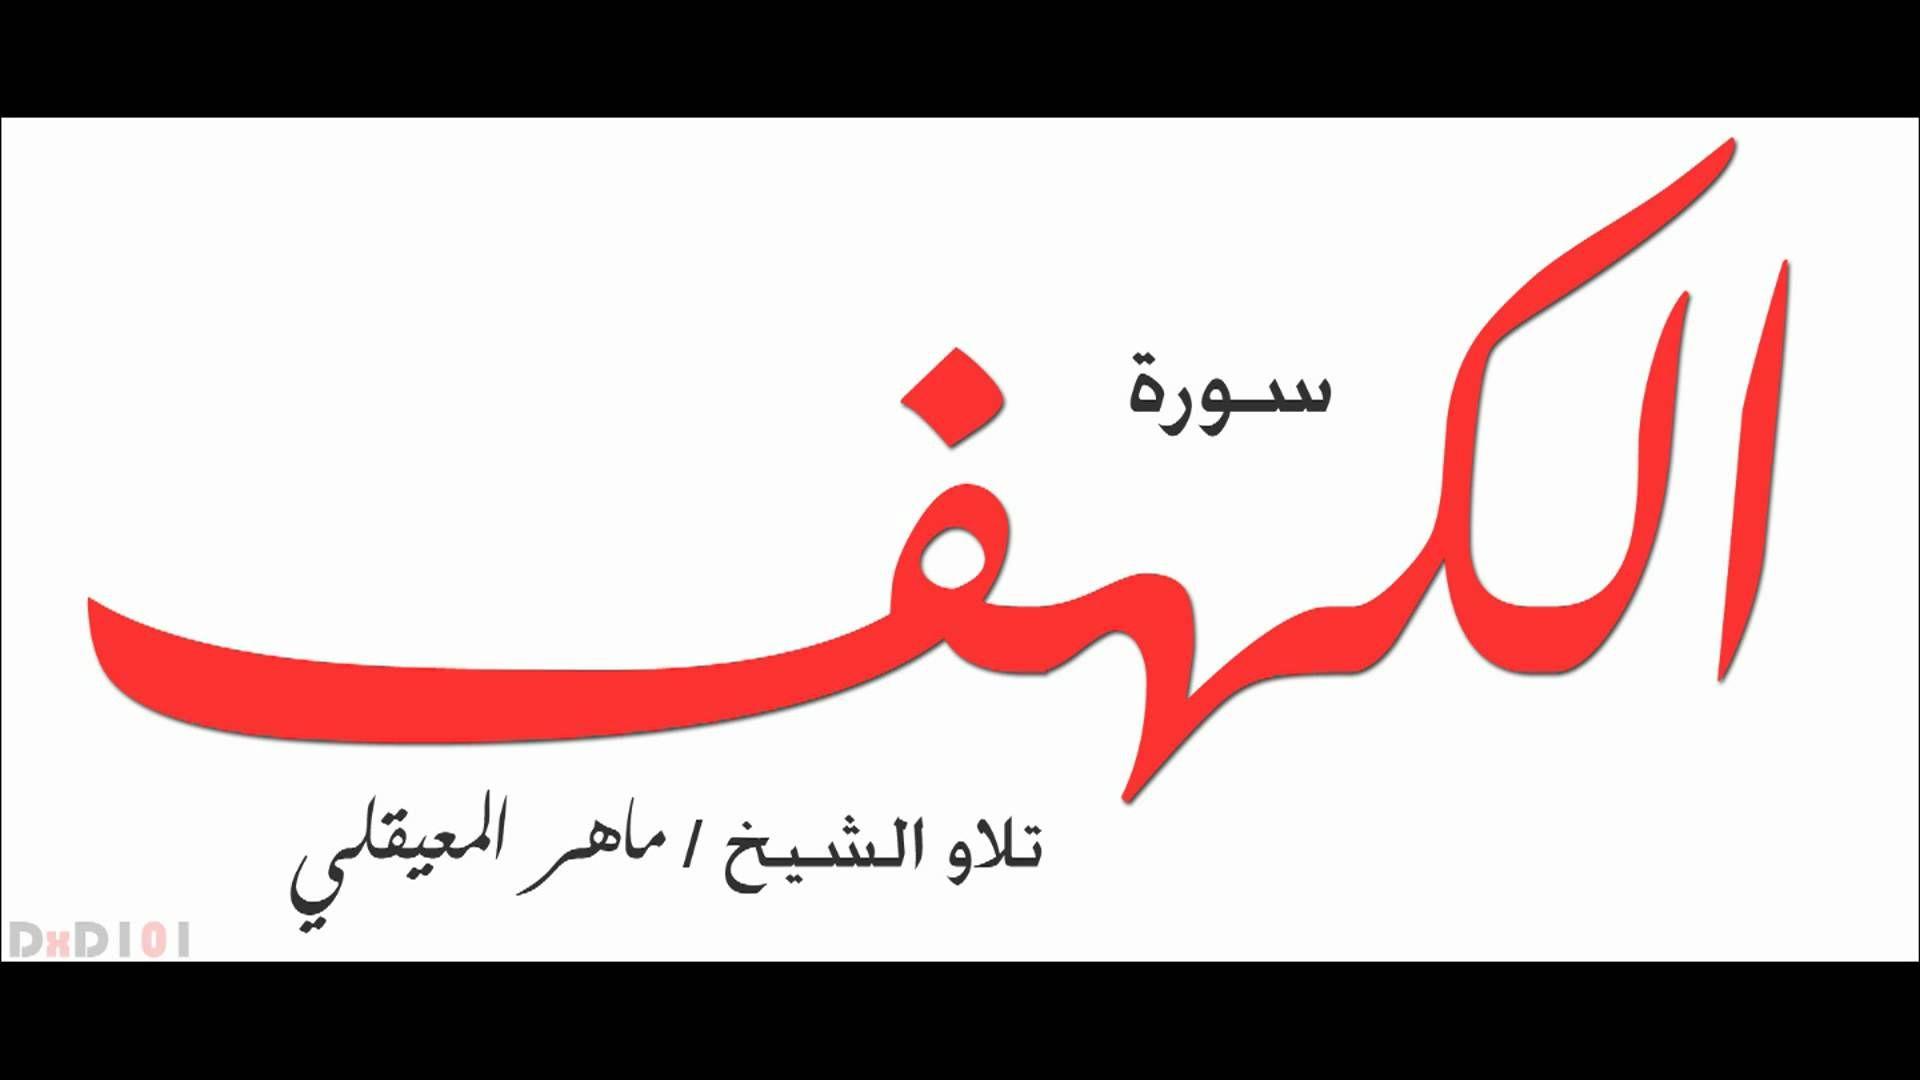 سورة الكهف كاملة ماهر المعيقلي جودة عالية Quran Recitation Quran Holy Quran